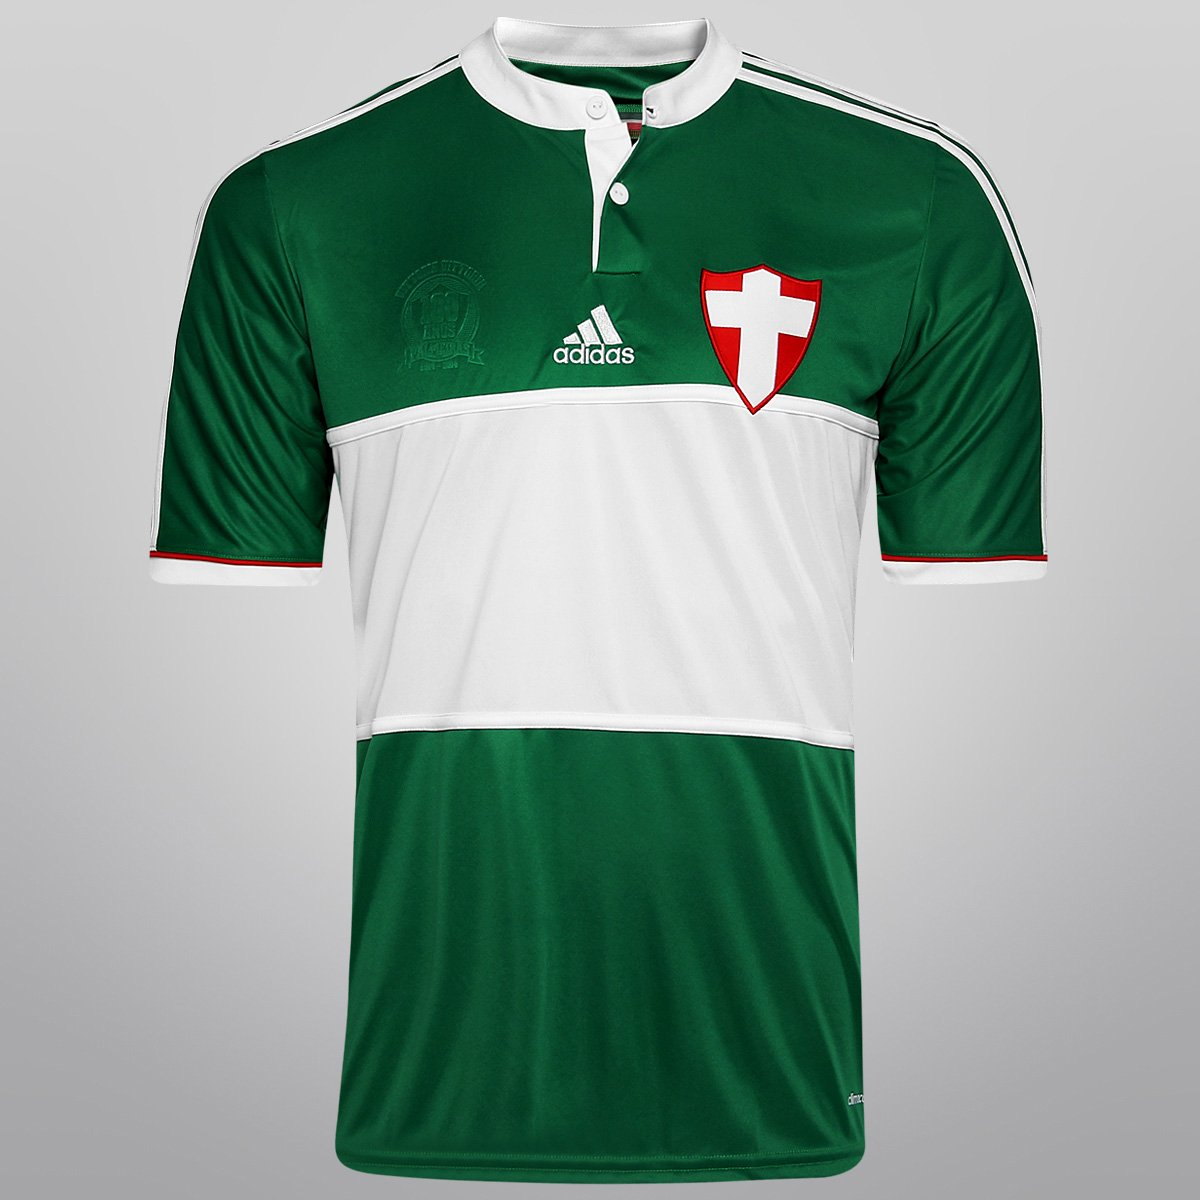 Camisa Adidas Palmeiras 14 15 s nº - Savoia - Compre Agora  c6459ea06fe54